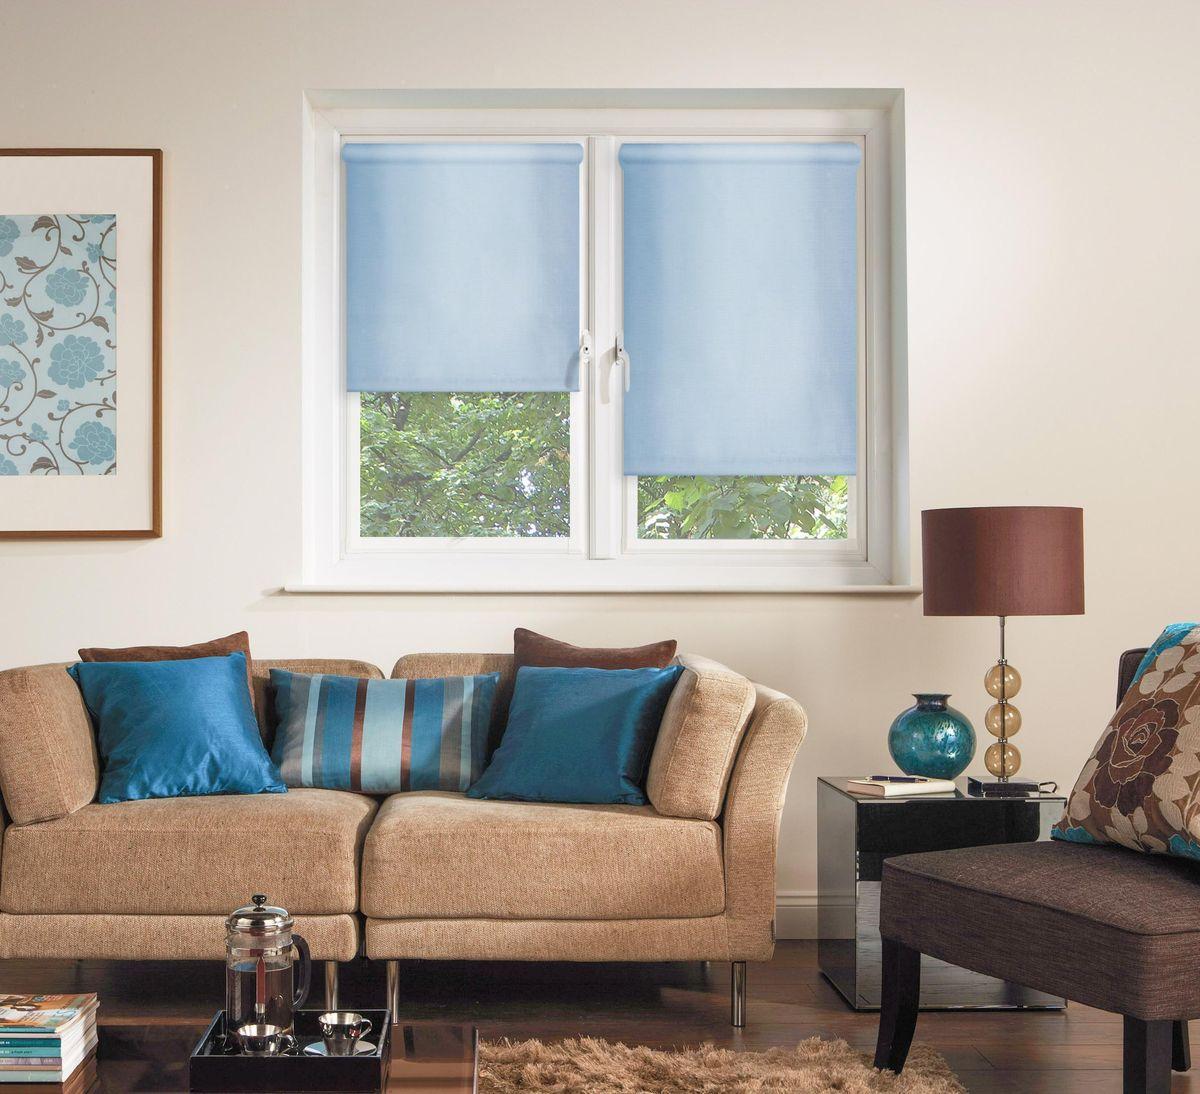 Штора рулонная Эскар, цвет: голубой, ширина 150 см, высота 170 см81005150170Рулонными шторами можно оформлять окна как самостоятельно, так и использовать в комбинации с портьерами. Это поможет предотвратить выгорание дорогой ткани на солнце и соединит функционал рулонных с красотой навесных.Преимущества применения рулонных штор для пластиковых окон:- имеют прекрасный внешний вид: многообразие и фактурность материала изделия отлично смотрятся в любом интерьере; - многофункциональны: есть возможность подобрать шторы способные эффективно защитить комнату от солнца, при этом о на не будет слишком темной. - Есть возможность осуществить быстрый монтаж. ВНИМАНИЕ! Размеры ширины изделия указаны по ширине ткани!Во время эксплуатации не рекомендуется полностью разматывать рулон, чтобы не оторвать ткань от намоточного вала.В случае загрязнения поверхности ткани, чистку шторы проводят одним из способов, в зависимости от типа загрязнения: легкое поверхностное загрязнение можно удалить при помощи канцелярского ластика; чистка от пыли производится сухим методом при помощи пылесоса с мягкой щеткой-насадкой; для удаления пятна используйте мягкую губку с пенообразующим неагрессивным моющим средством или пятновыводитель на натуральной основе (нельзя применять растворители).